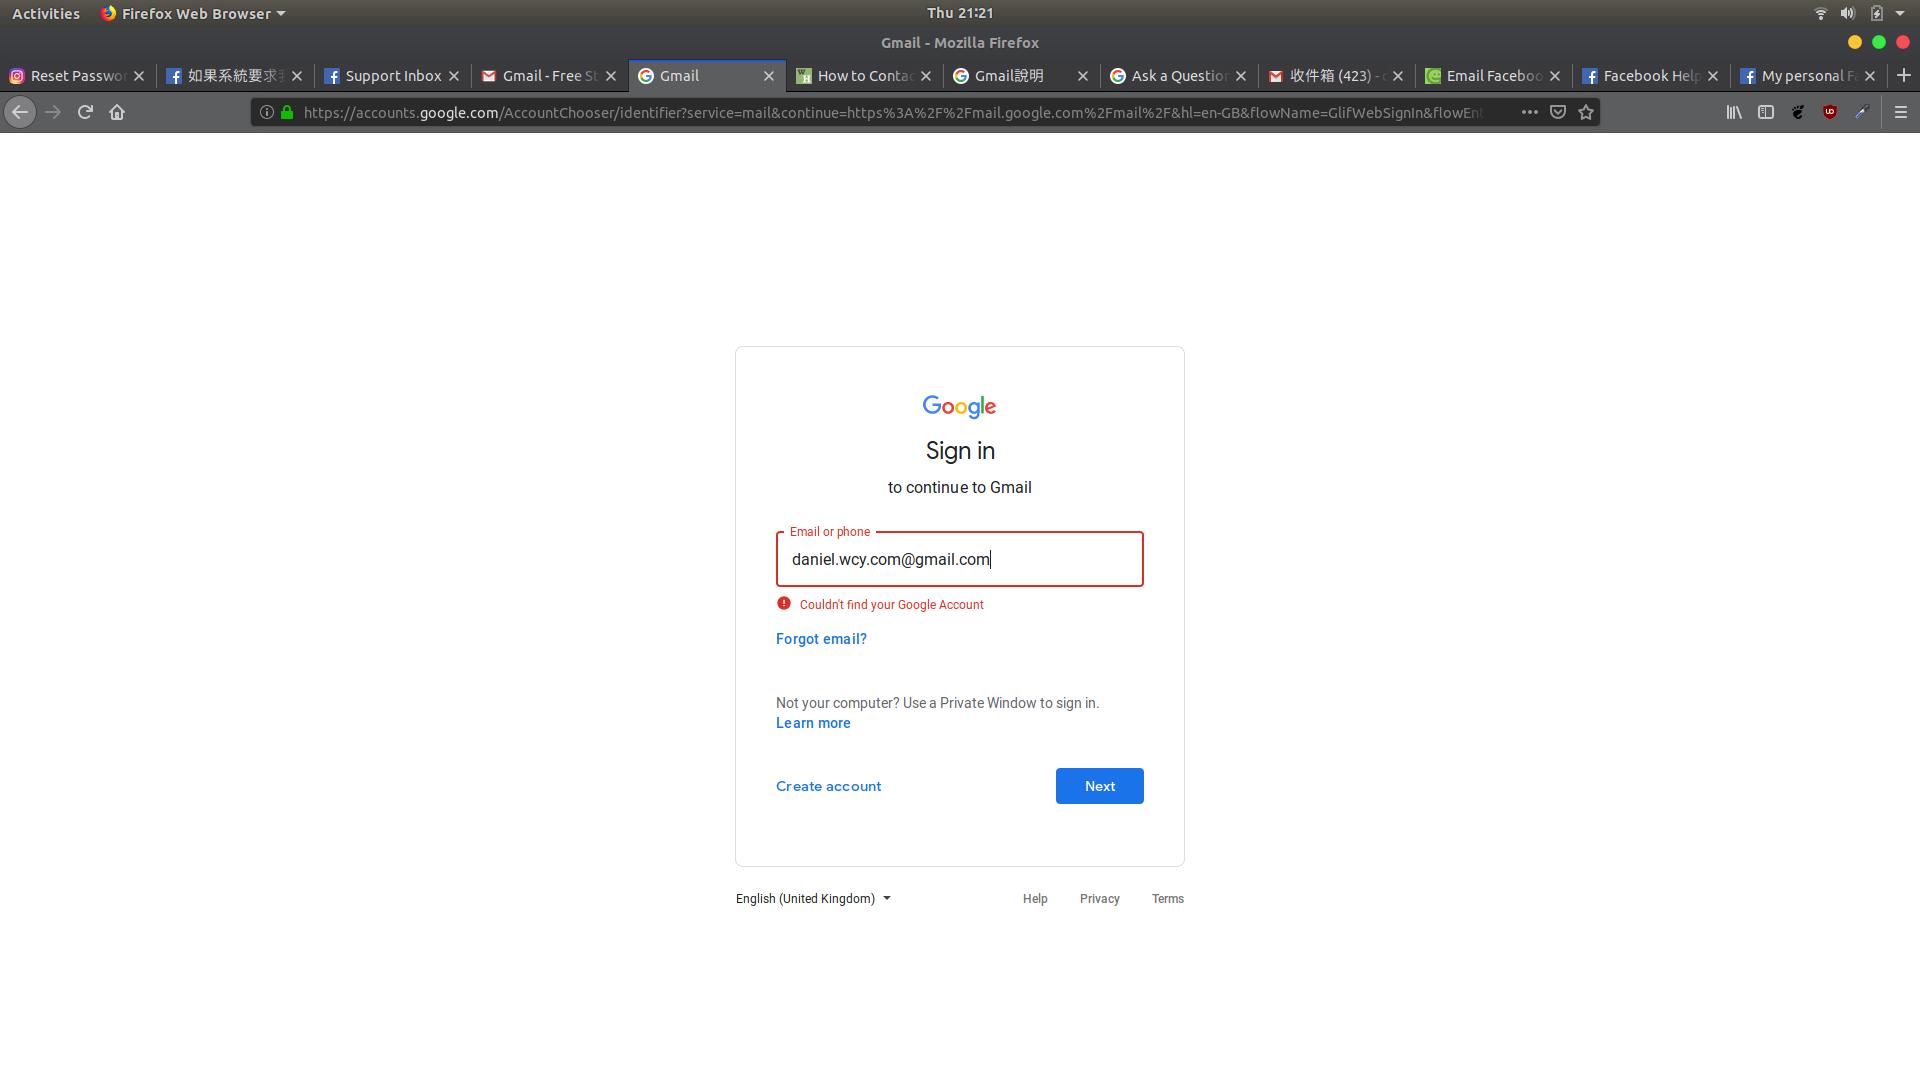 Login problem: No such account error message - Gmail Help